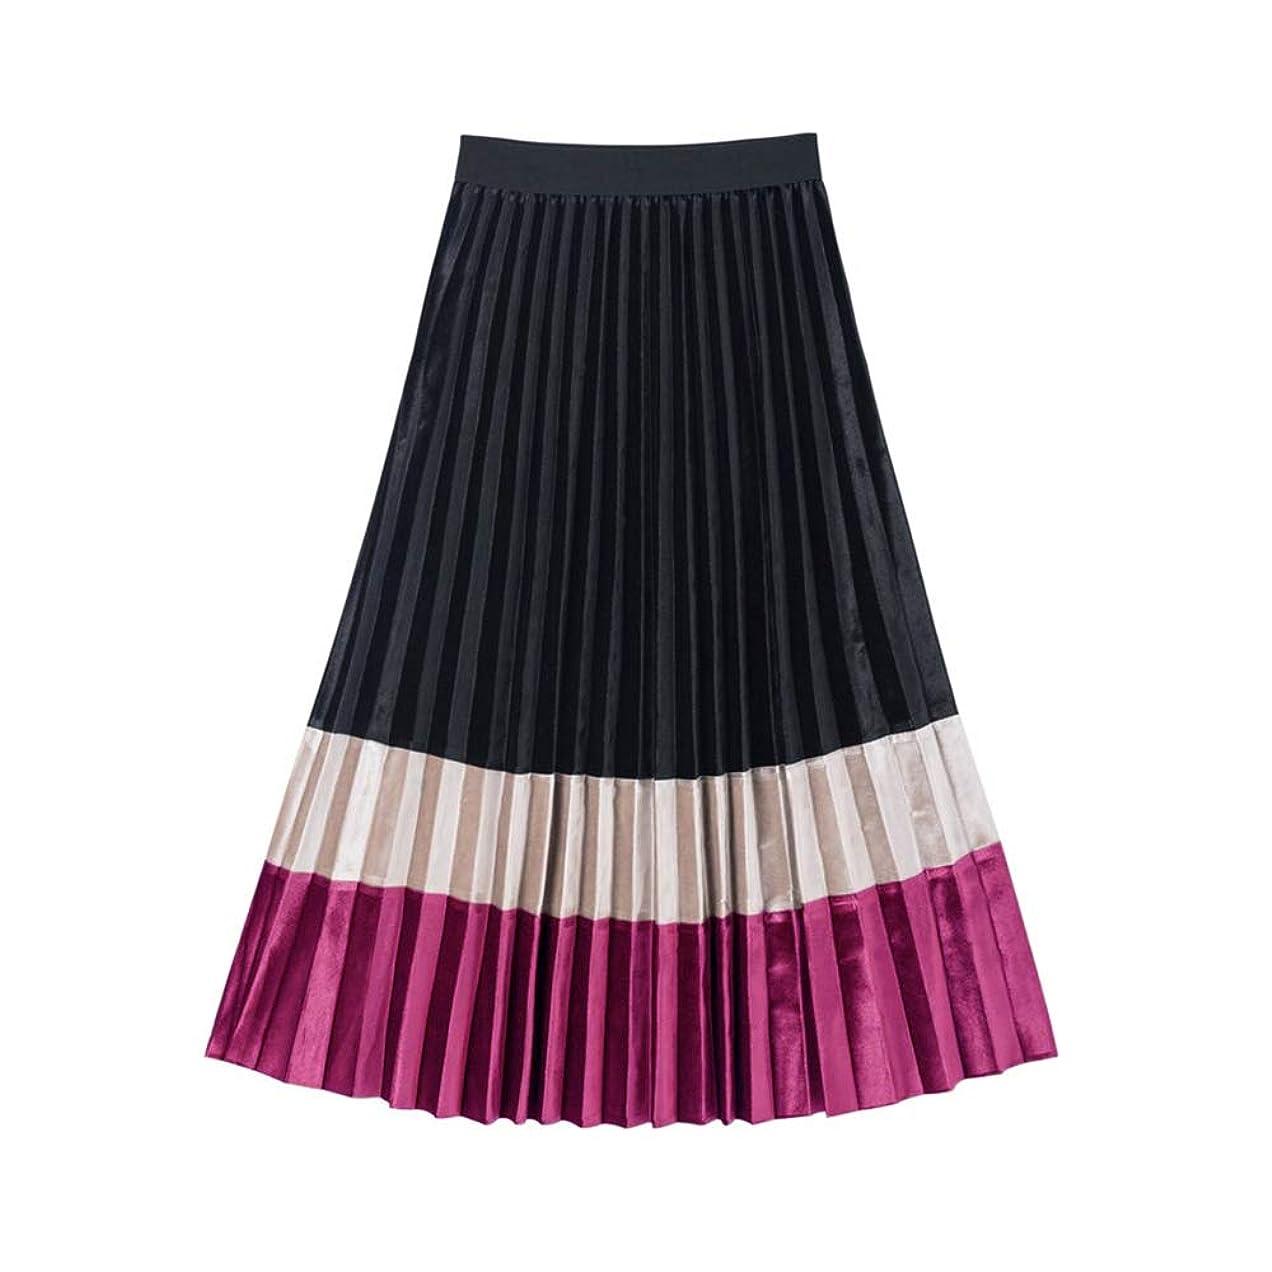 ネックレット情熱選択バイカラー ベロア プリーツスカート ギャザー